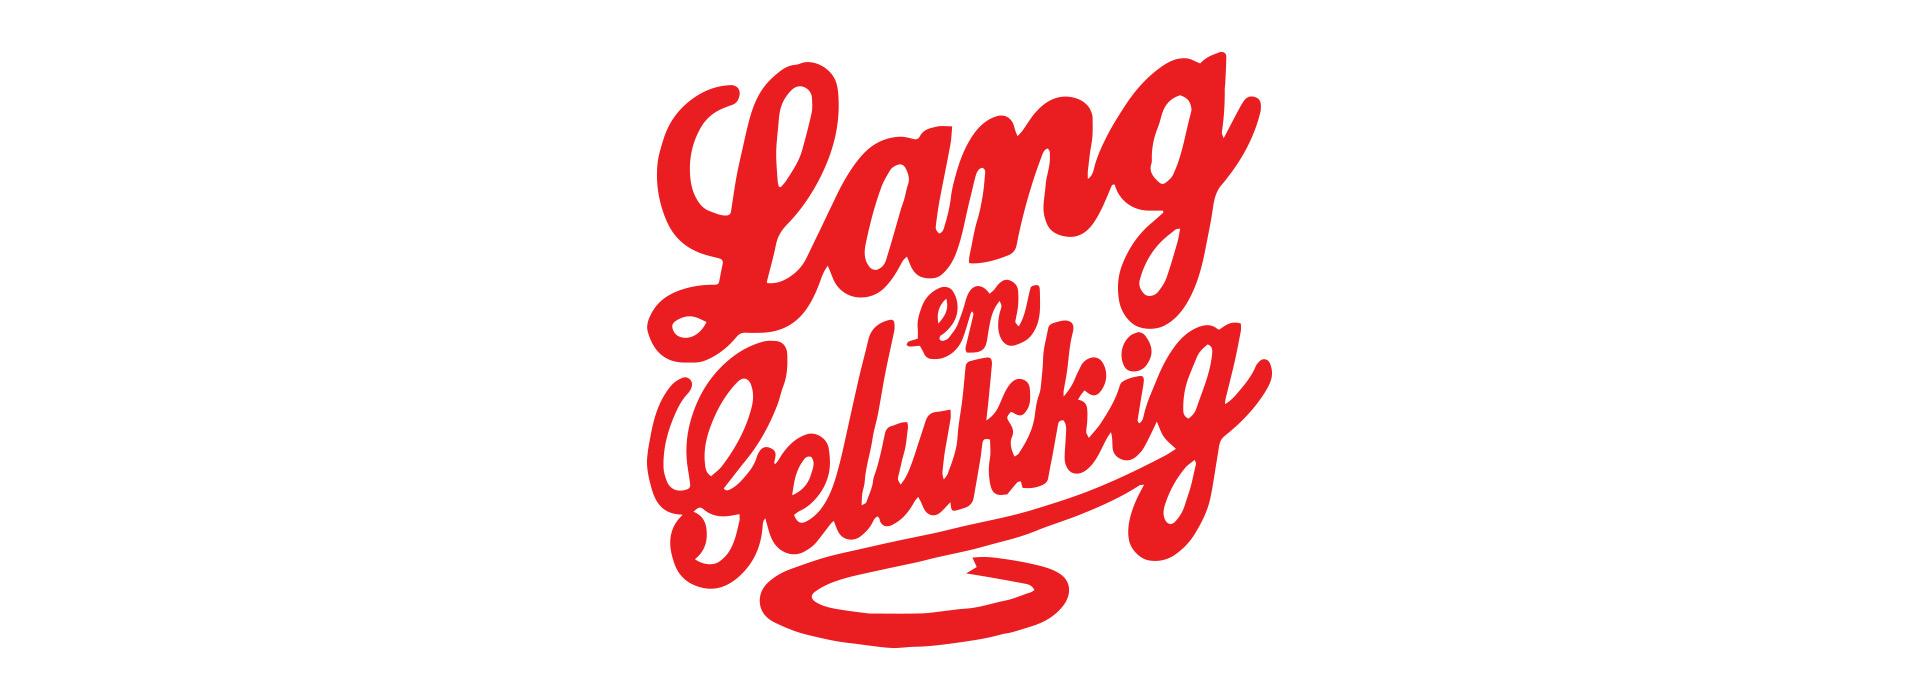 Lang-en-gelukkig-banner